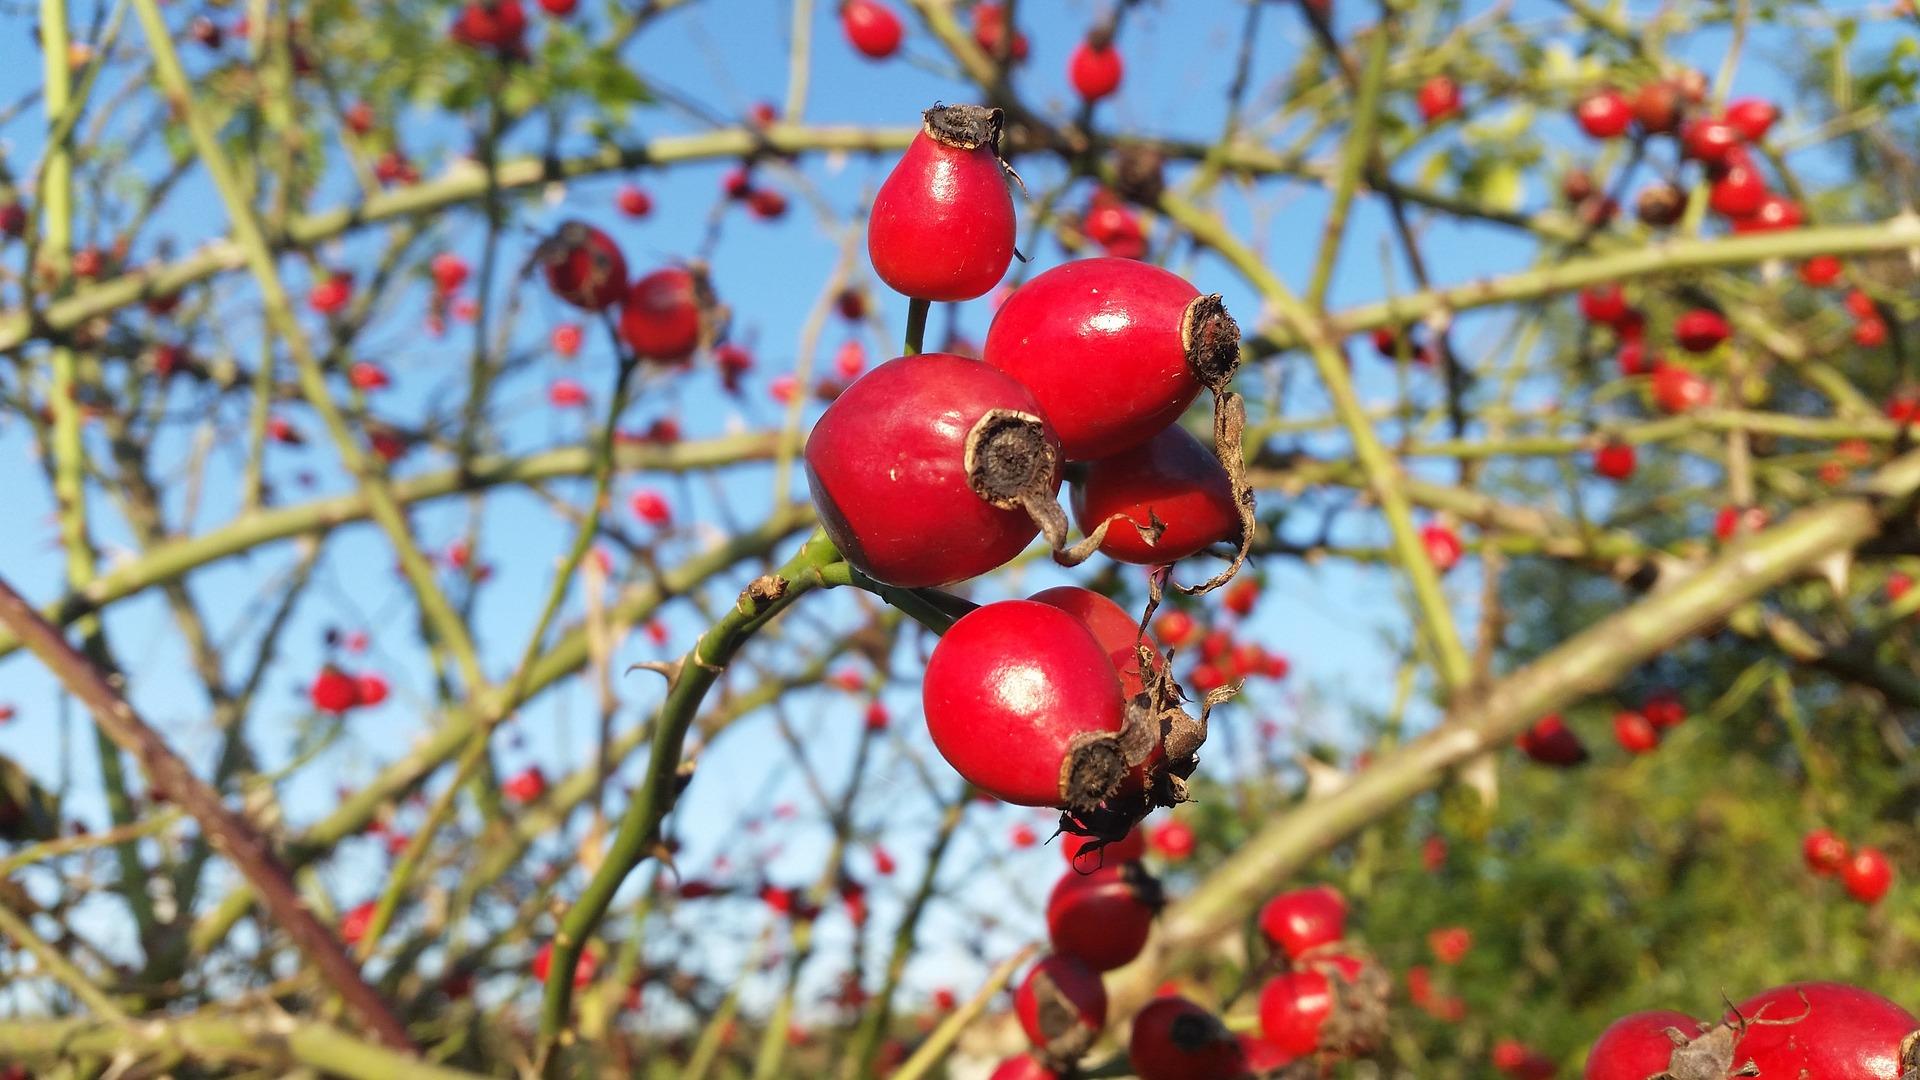 ماعلاقة ثمرة الورد المسكي بالدهون ؟